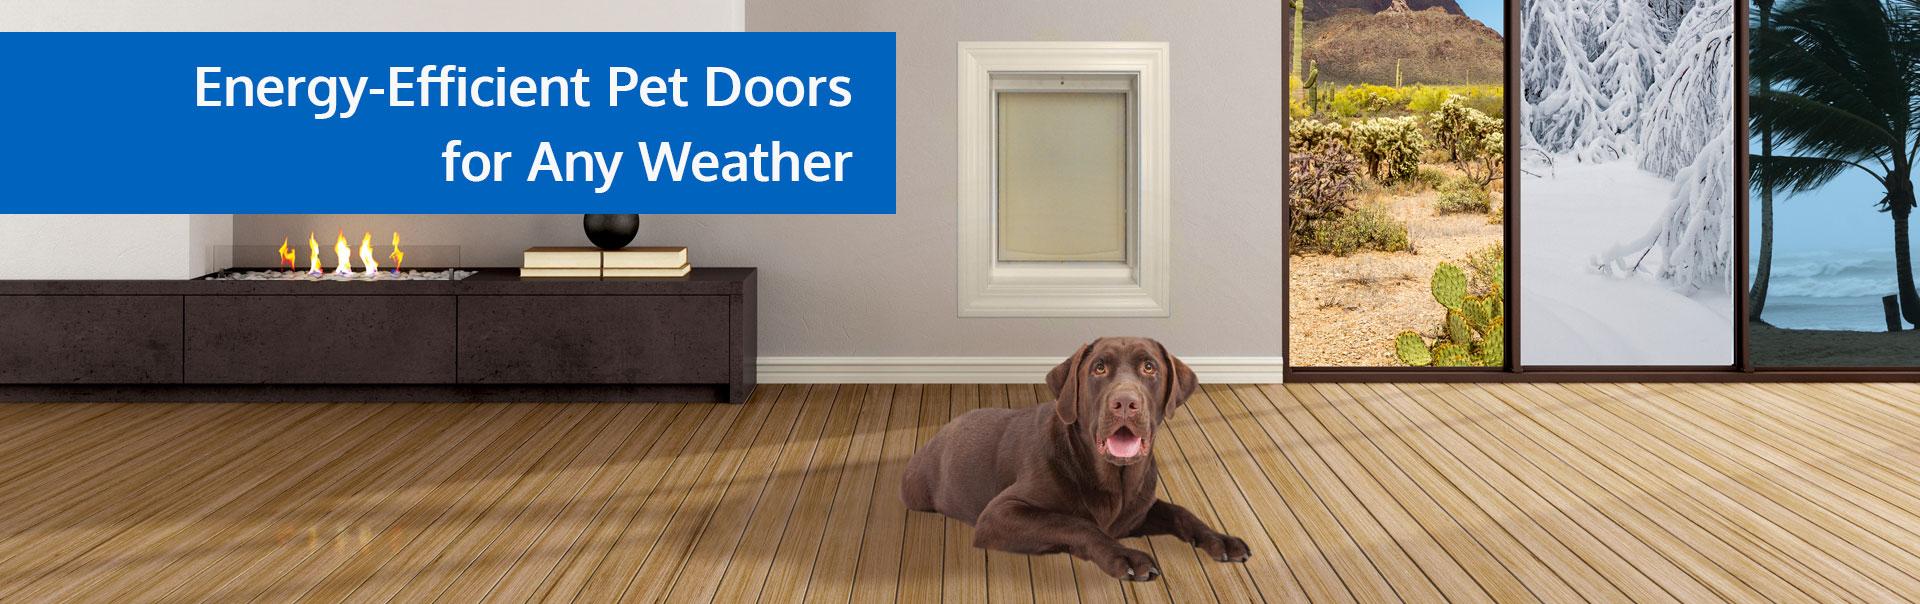 Freedom Pet Pass Energy-Efficient Pet Doors